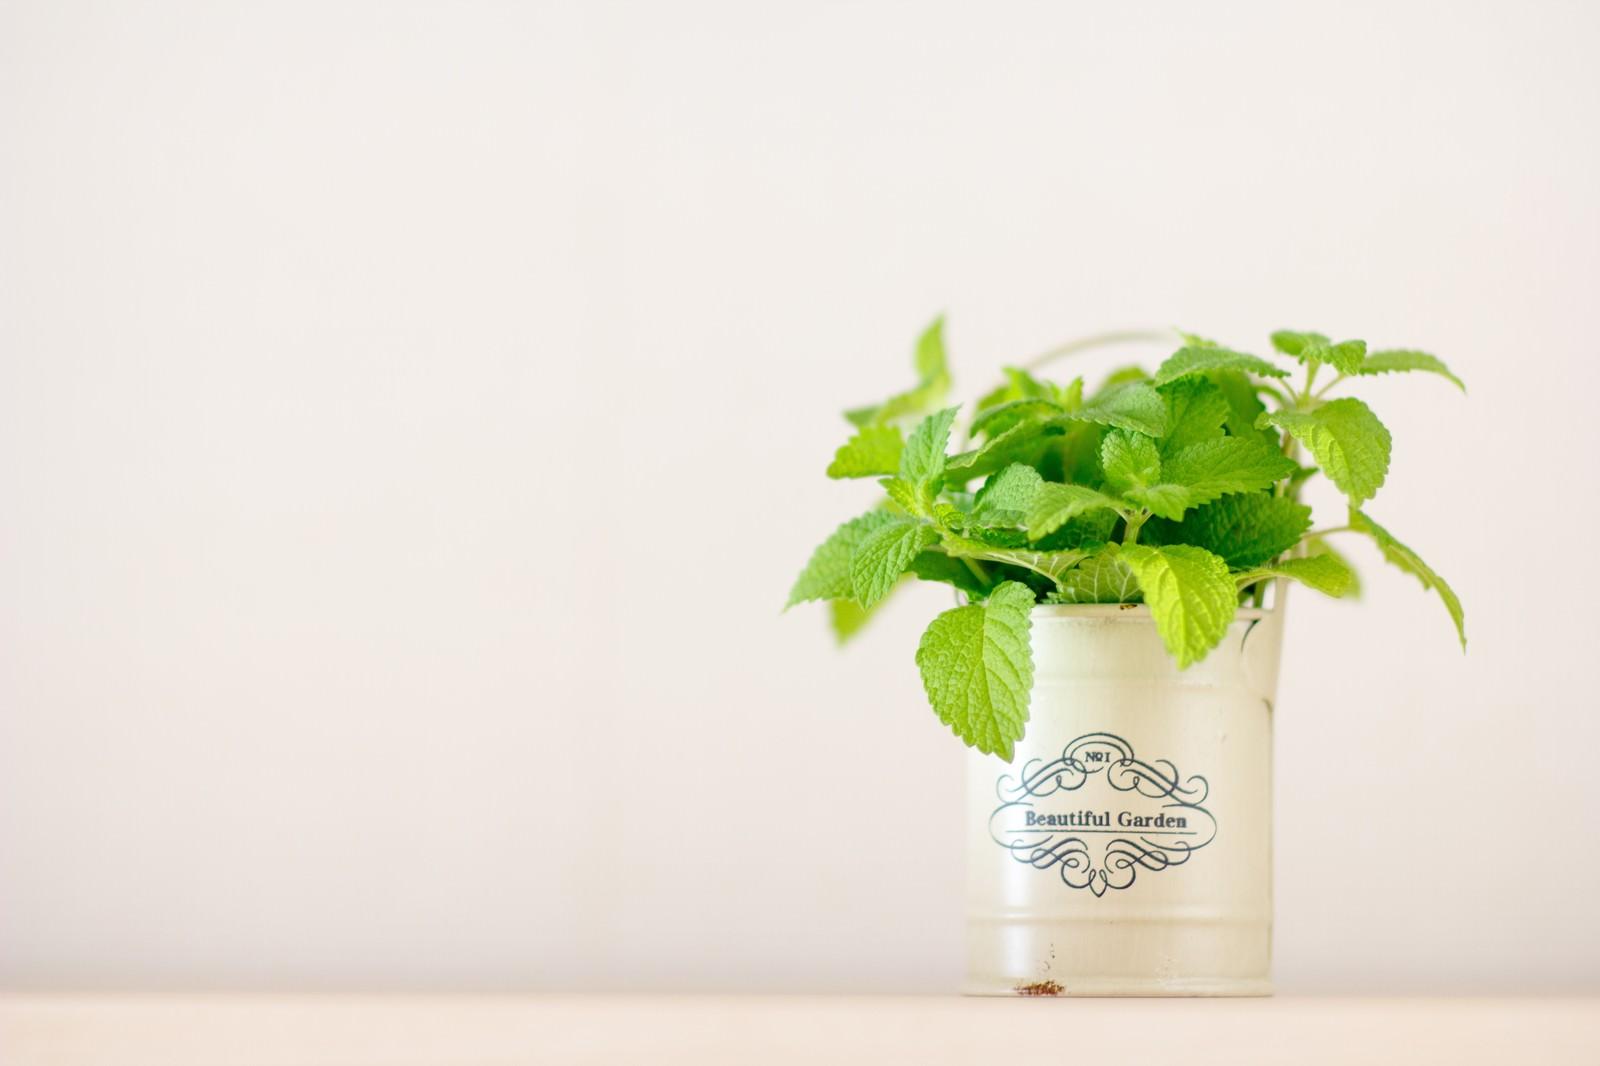 「室内でレモンミントを栽培」の写真